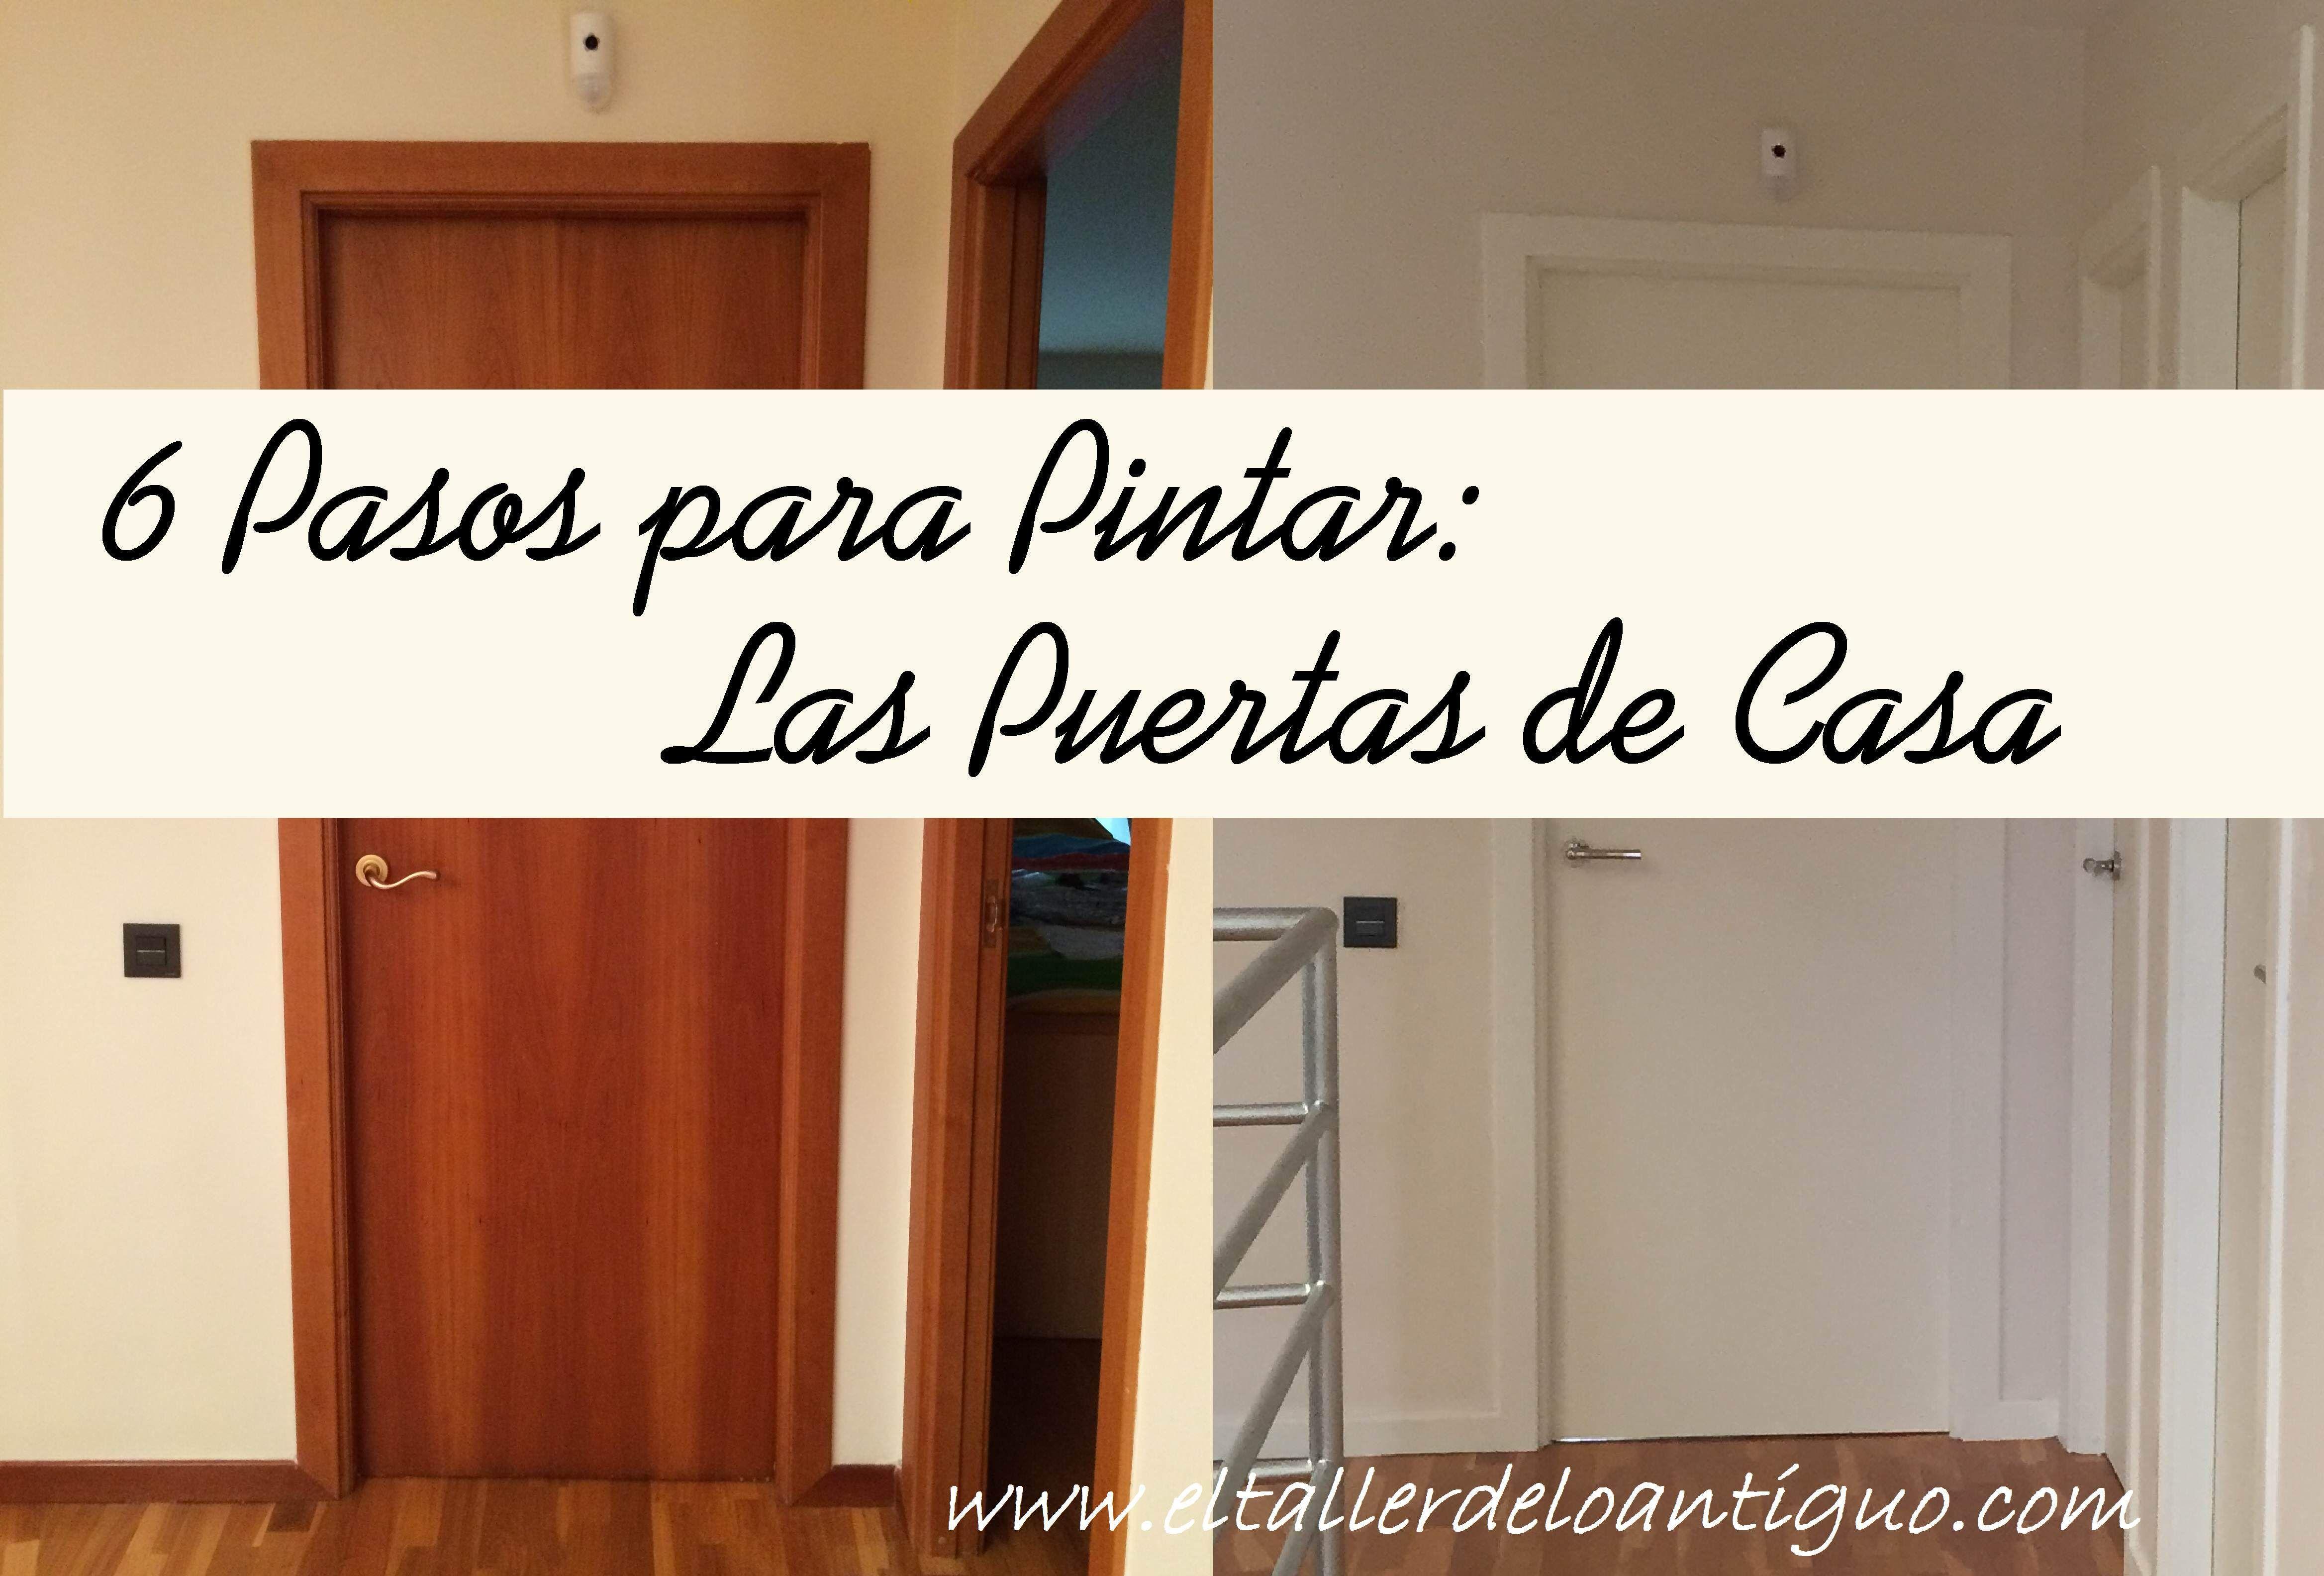 portada pintar puertas | colores | Pinterest | Pintando las puertas ...